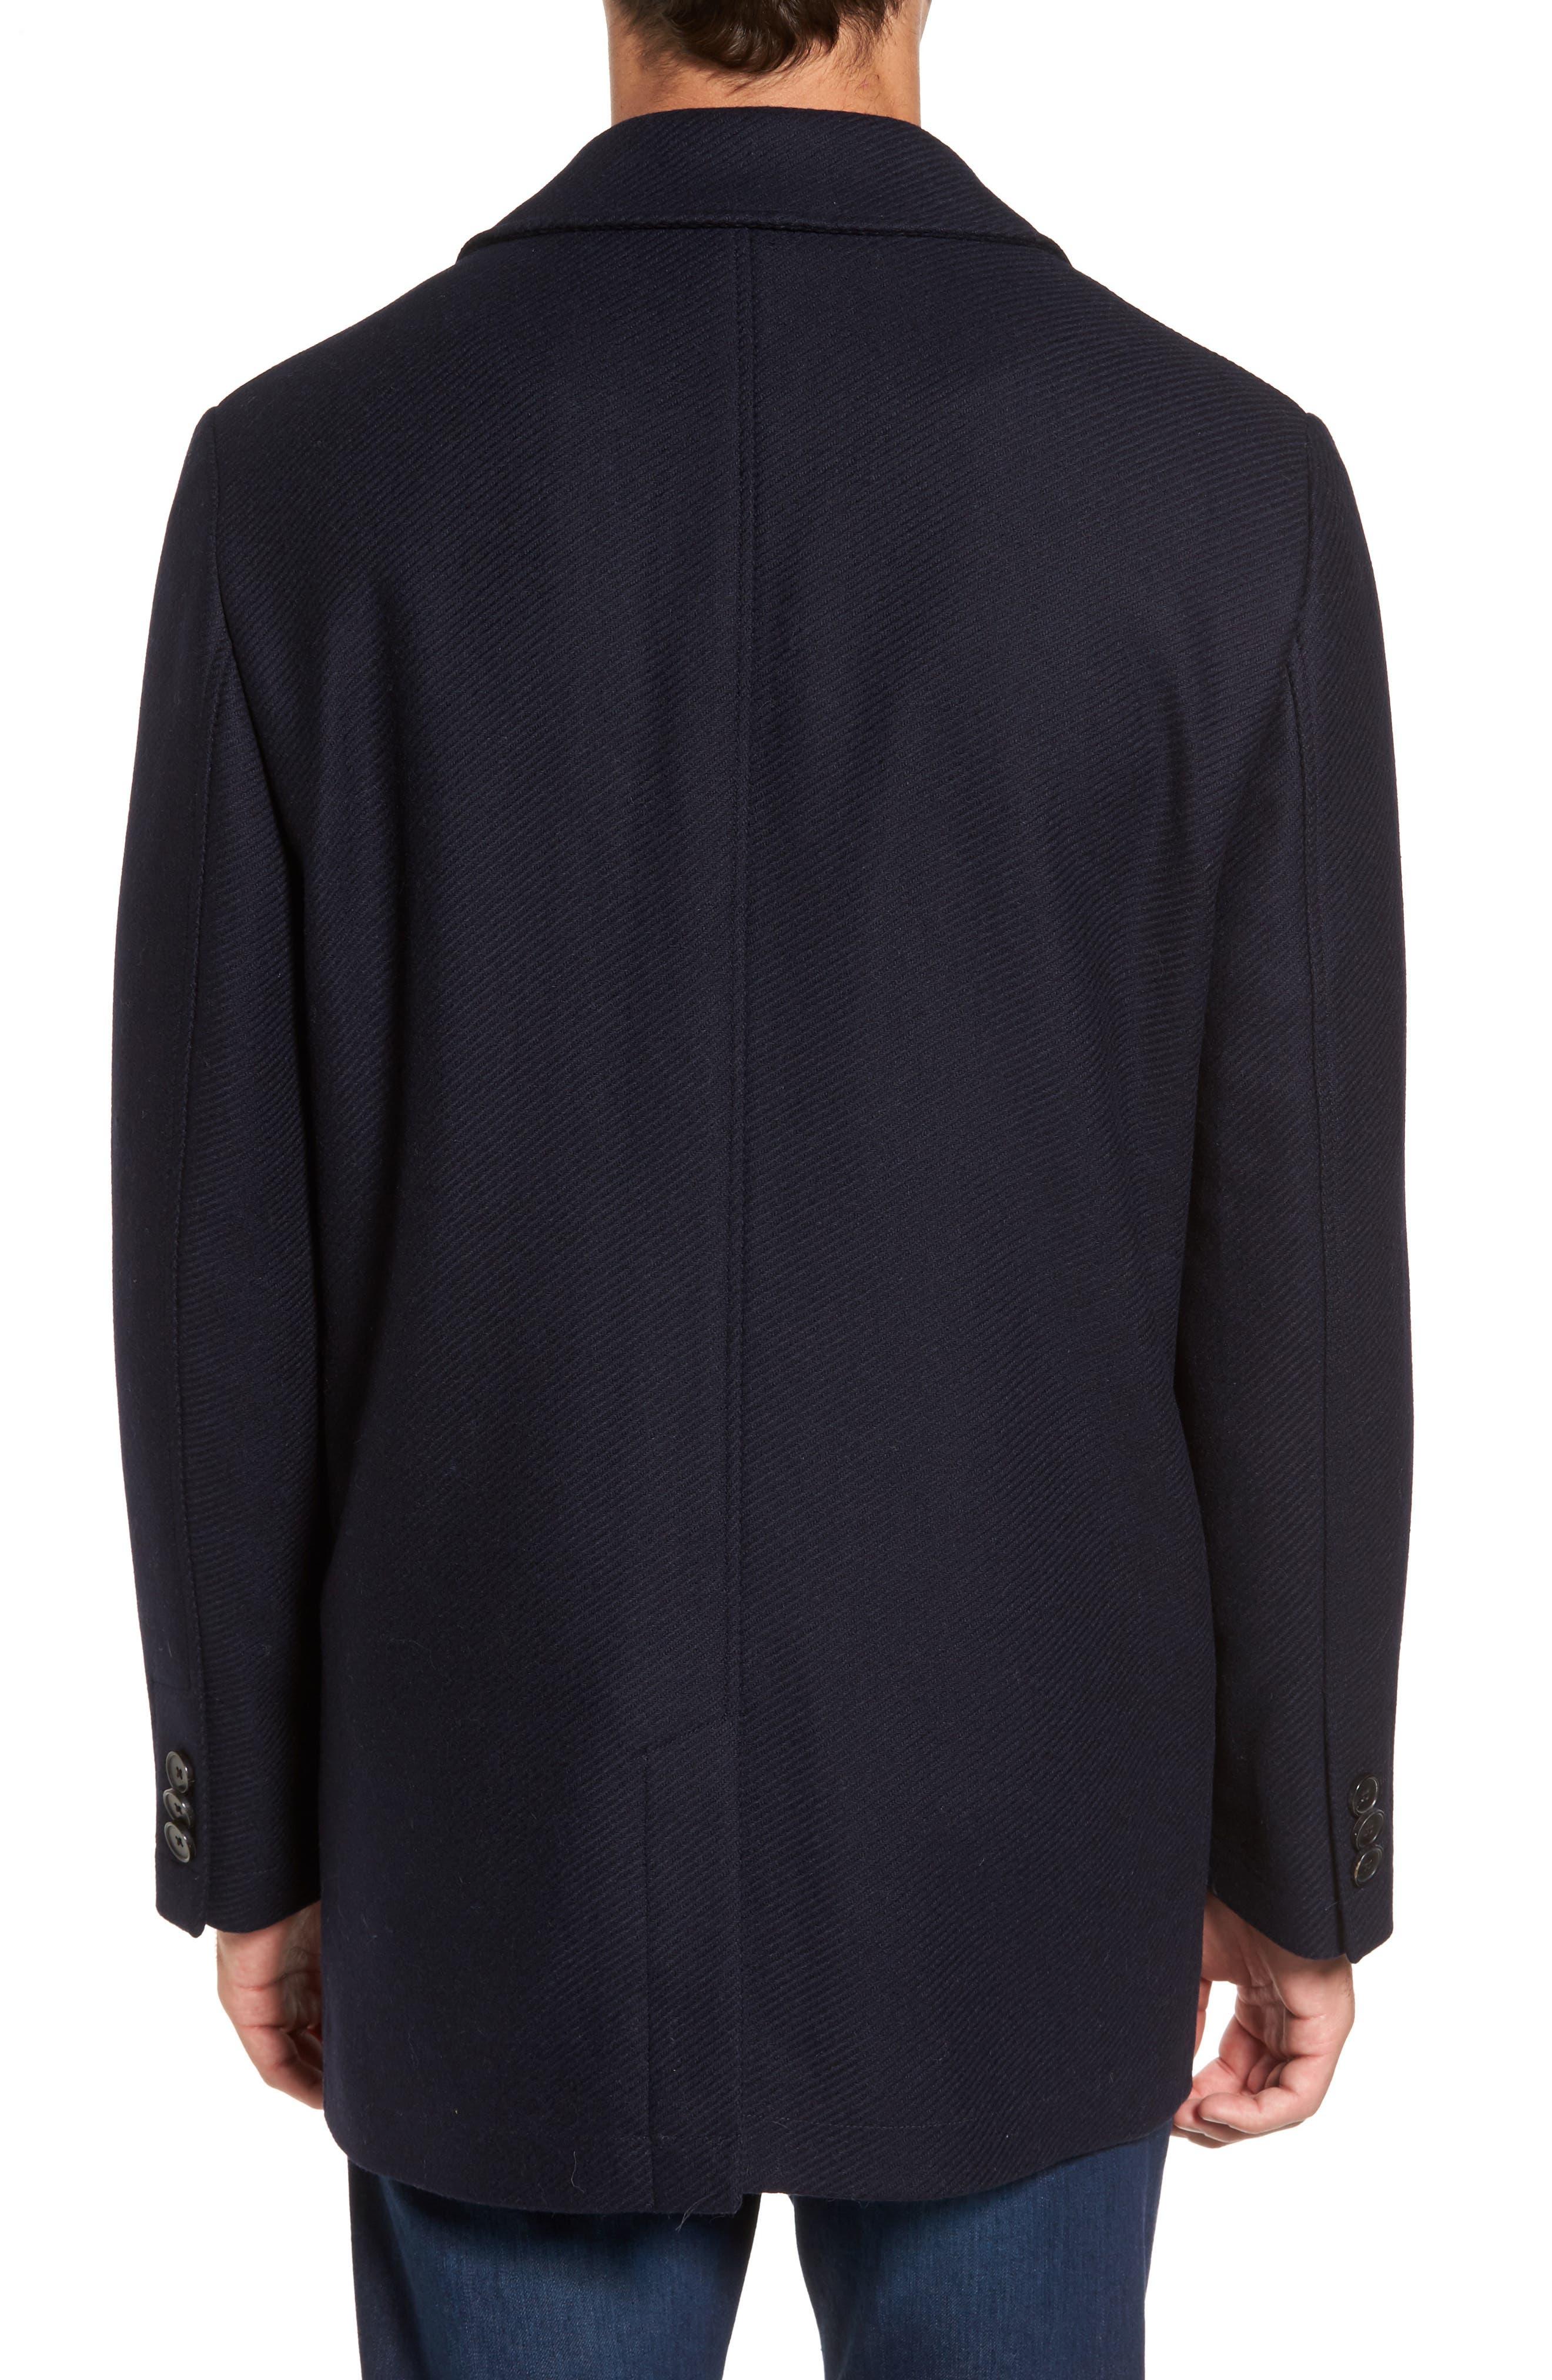 Alternate Image 2  - Rodd & Gunn Christchurch Wool Blend Jacket